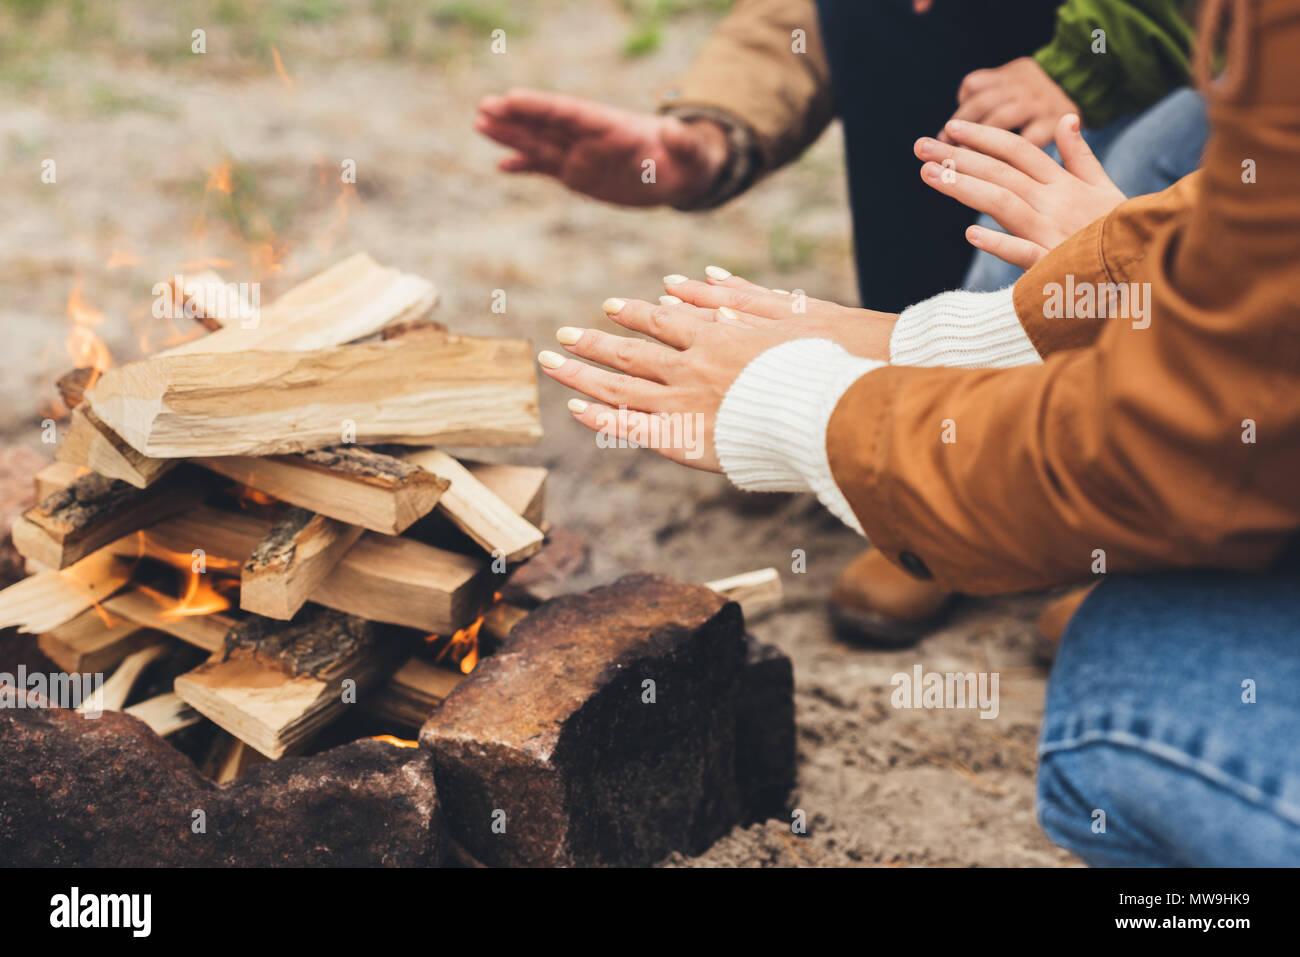 Ritagliato colpo di gente mani di riscaldamento con falò Immagini Stock